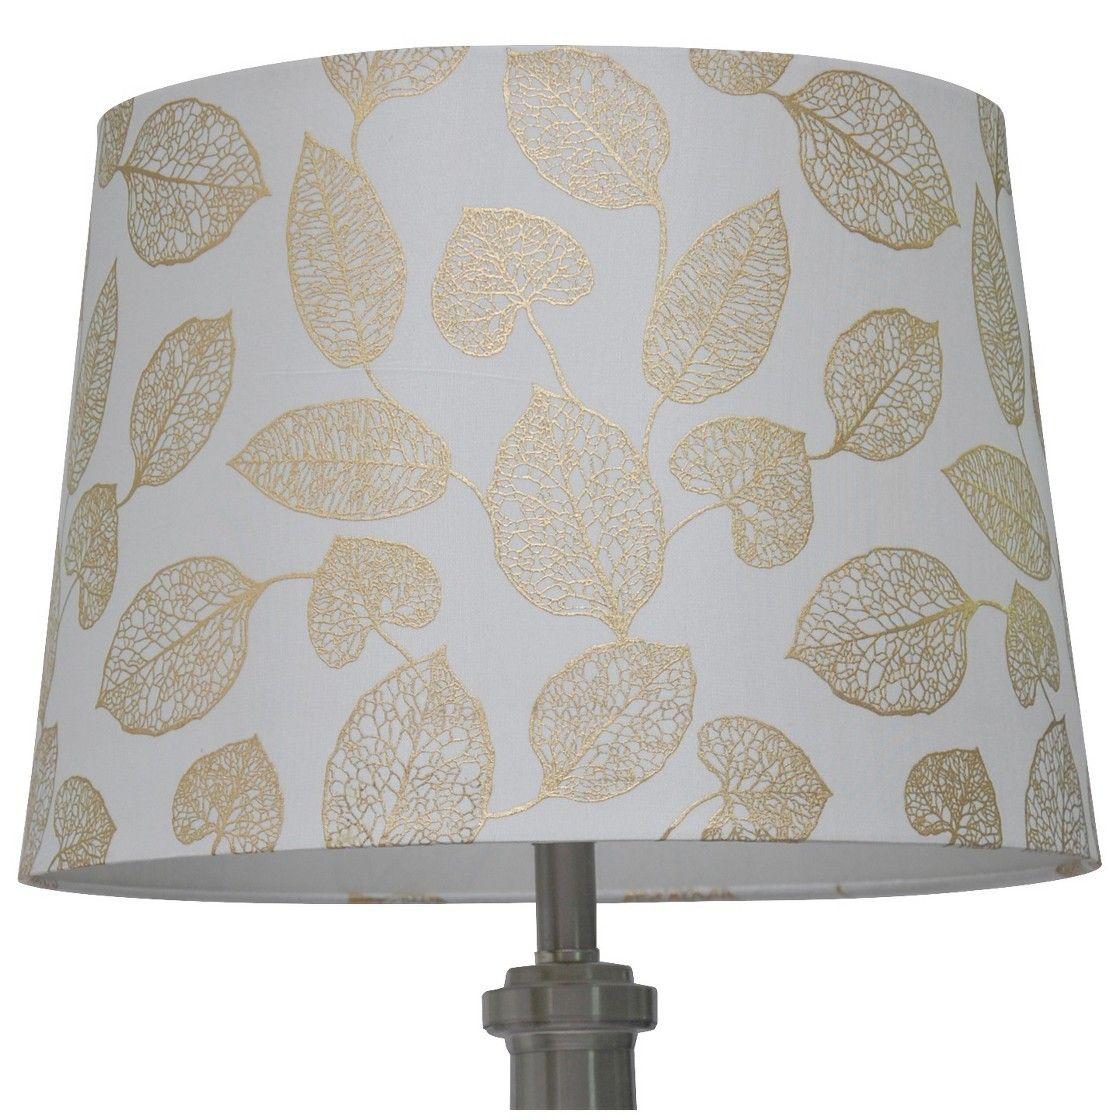 Lamp Shades At Target Threshold  Metallic Foil Leaf Lamp Shade Target  Lighting